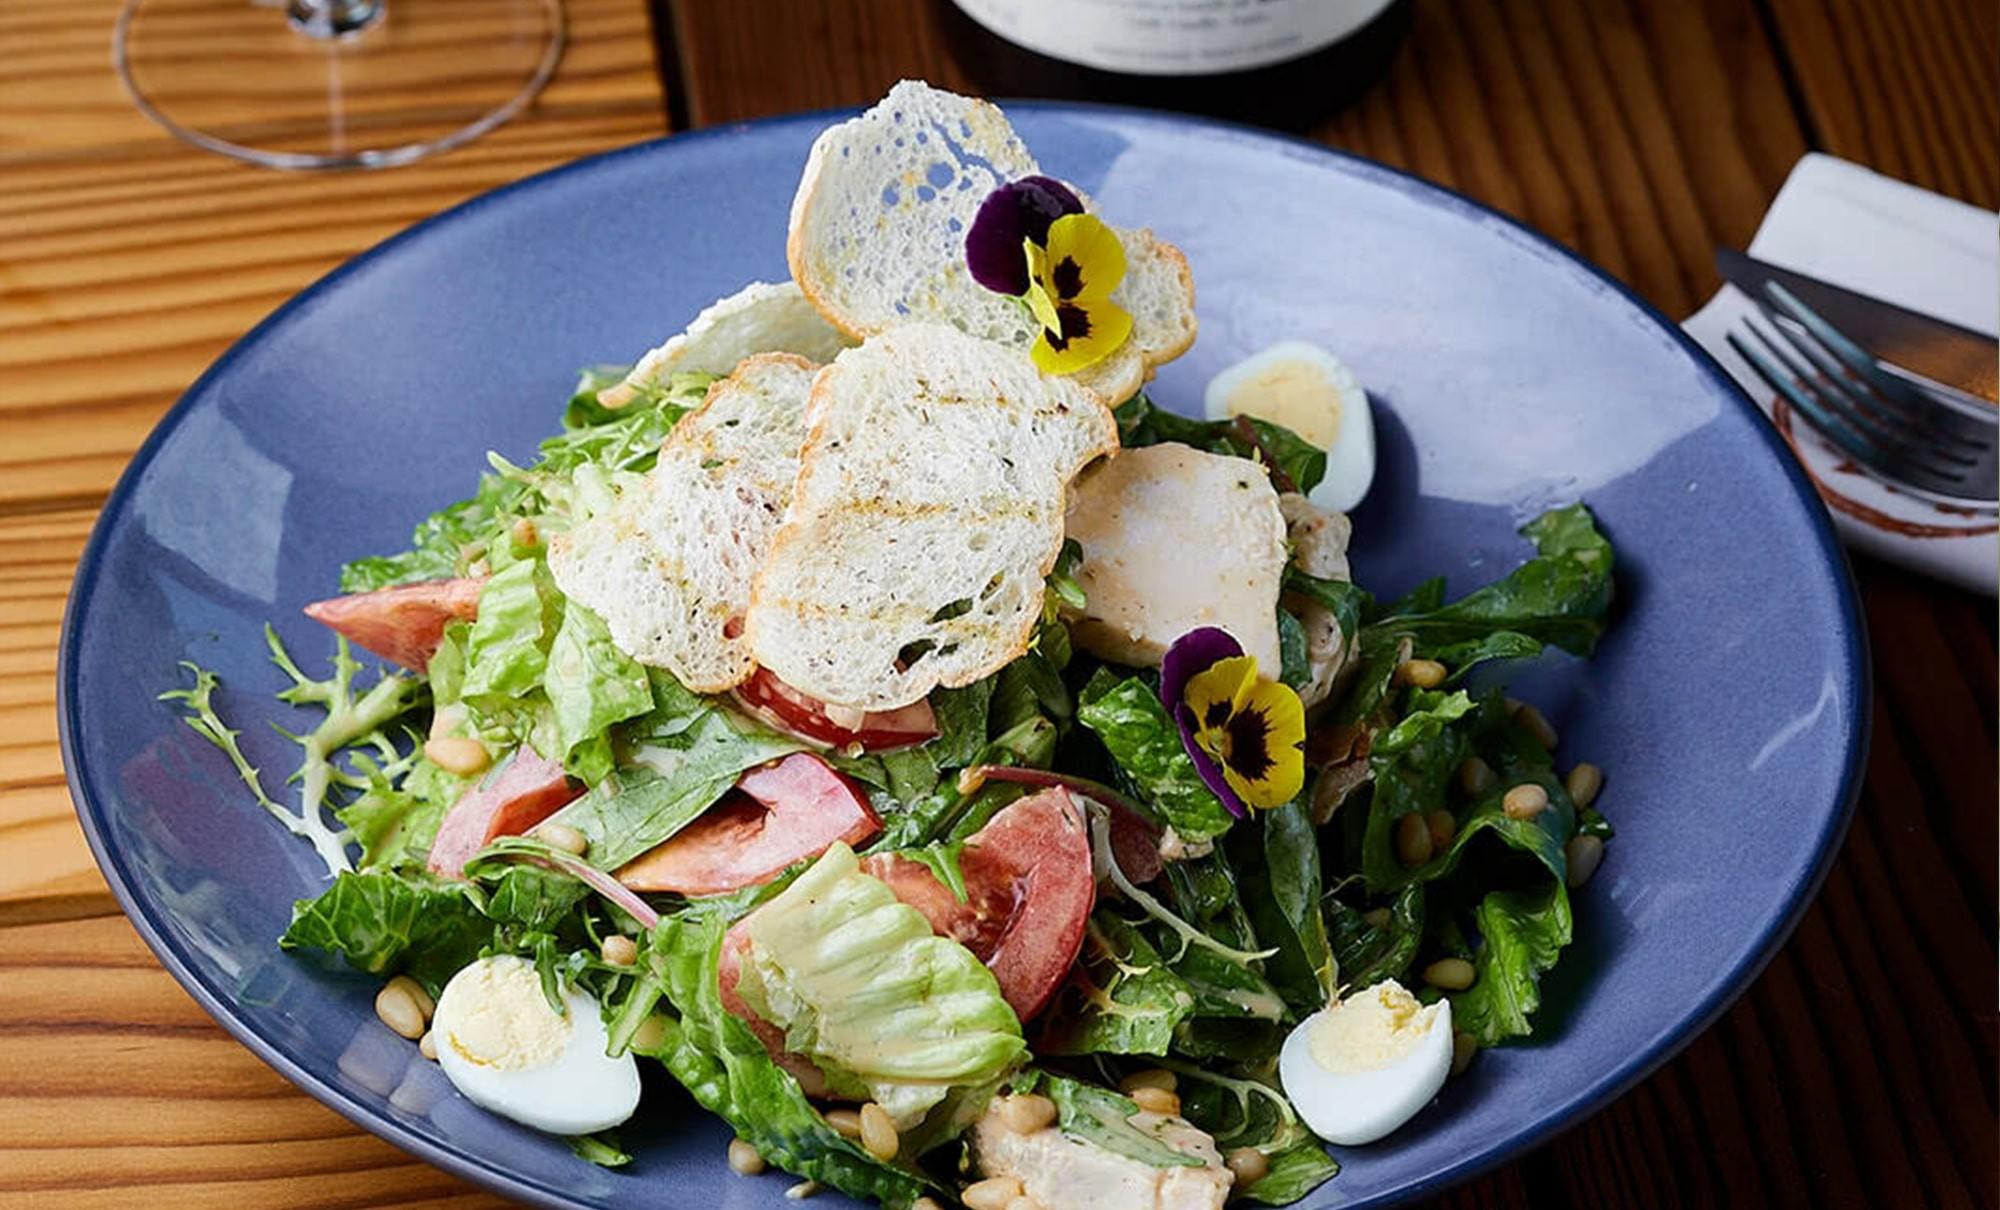 салат veranda с фермерским эко-цыпленком из тандыра в ресторане Веранда